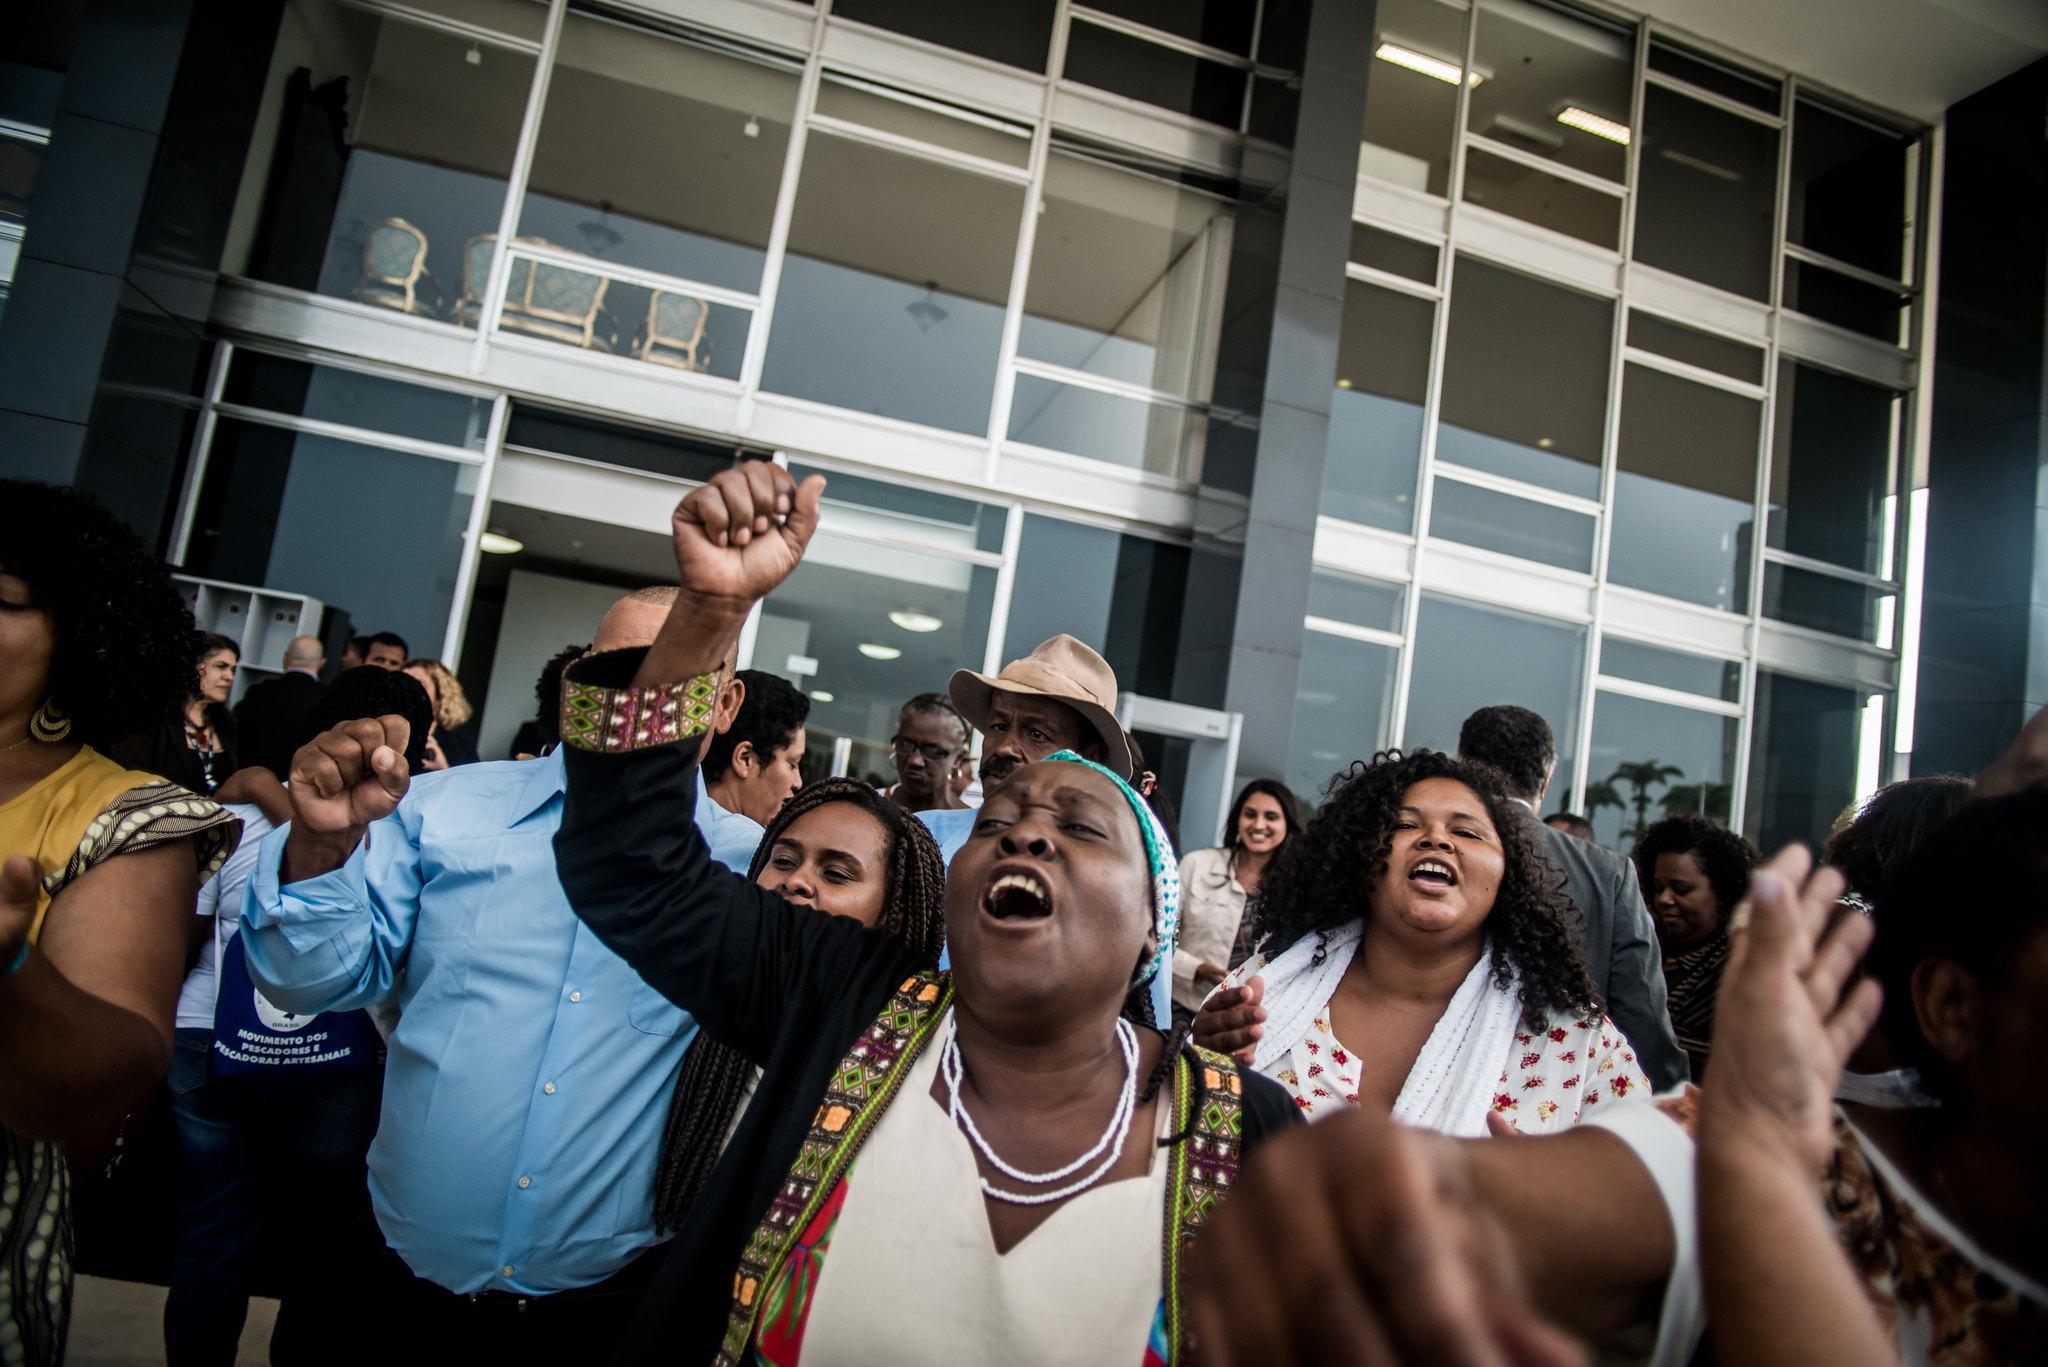 Após 14 anos de espera, quilombolas comemoram decisão favorável sobre a Ação Direta de Inconstitucionalidade sobre direitos territoriais. Foto: Mídia Ninja